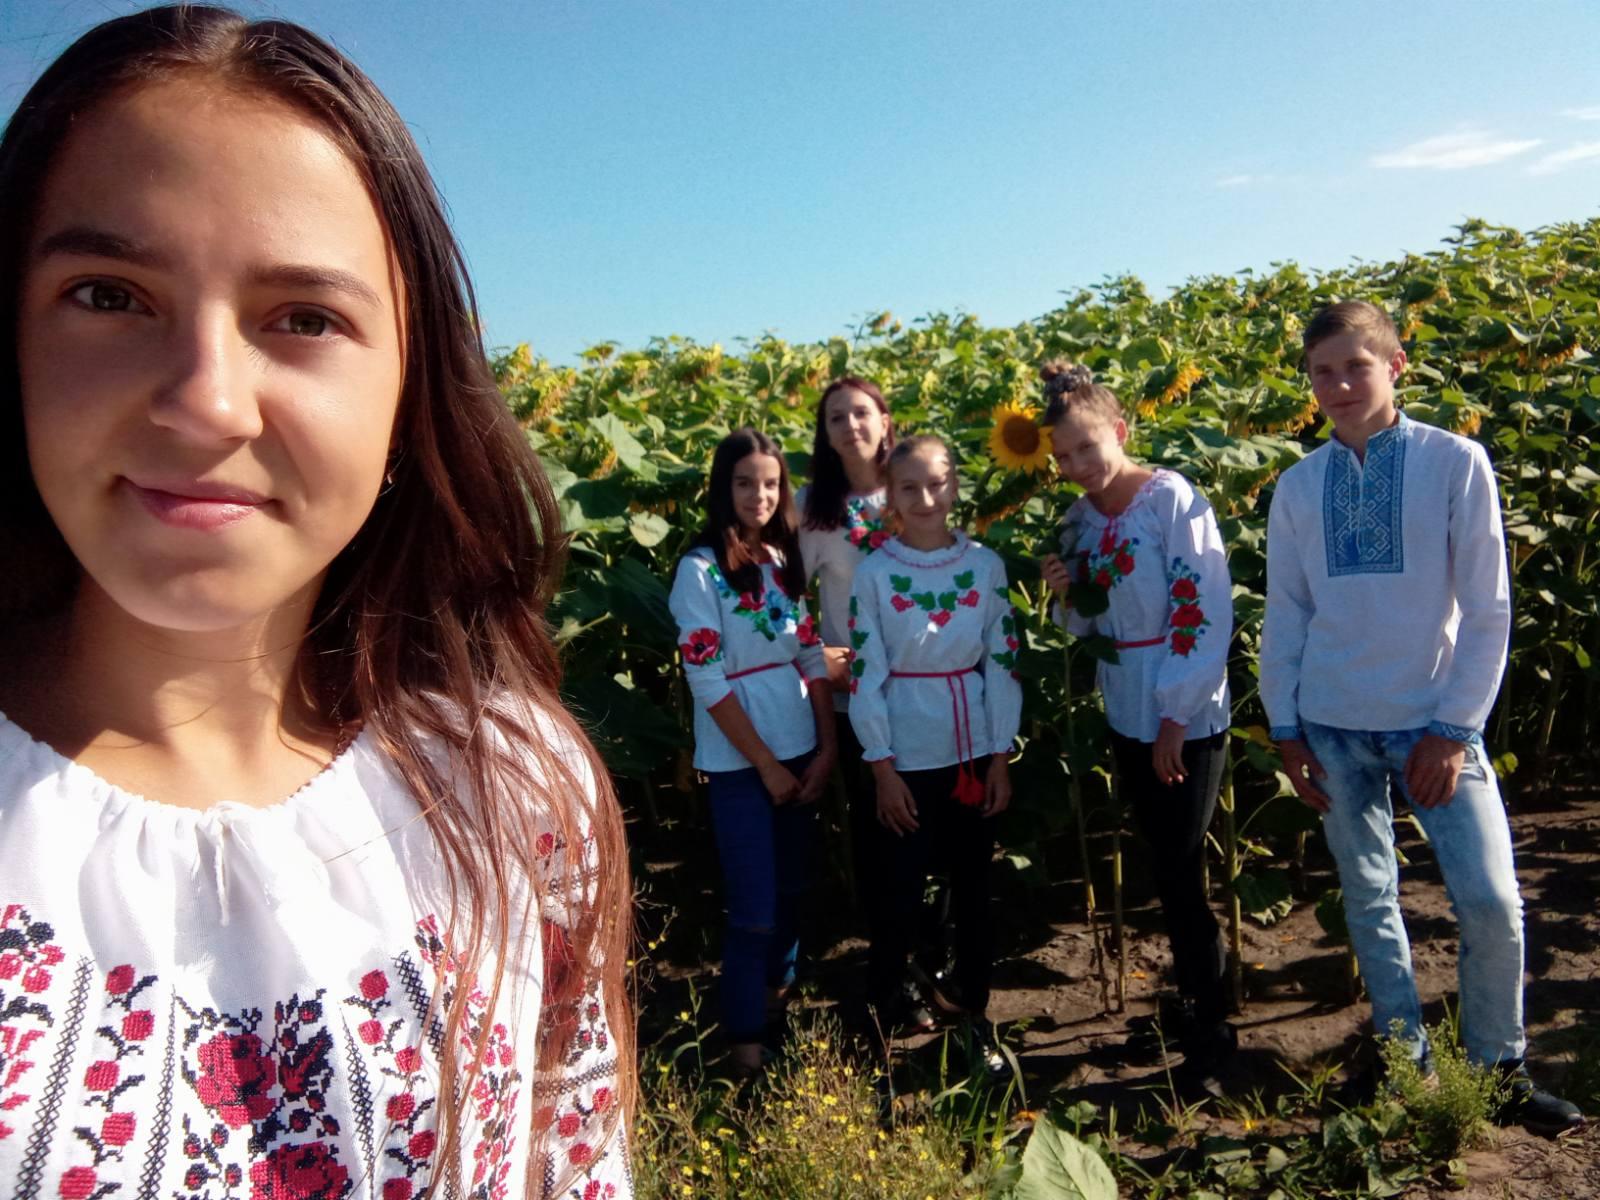 zobrazhennya_viber_2020-08-20_08-07-45